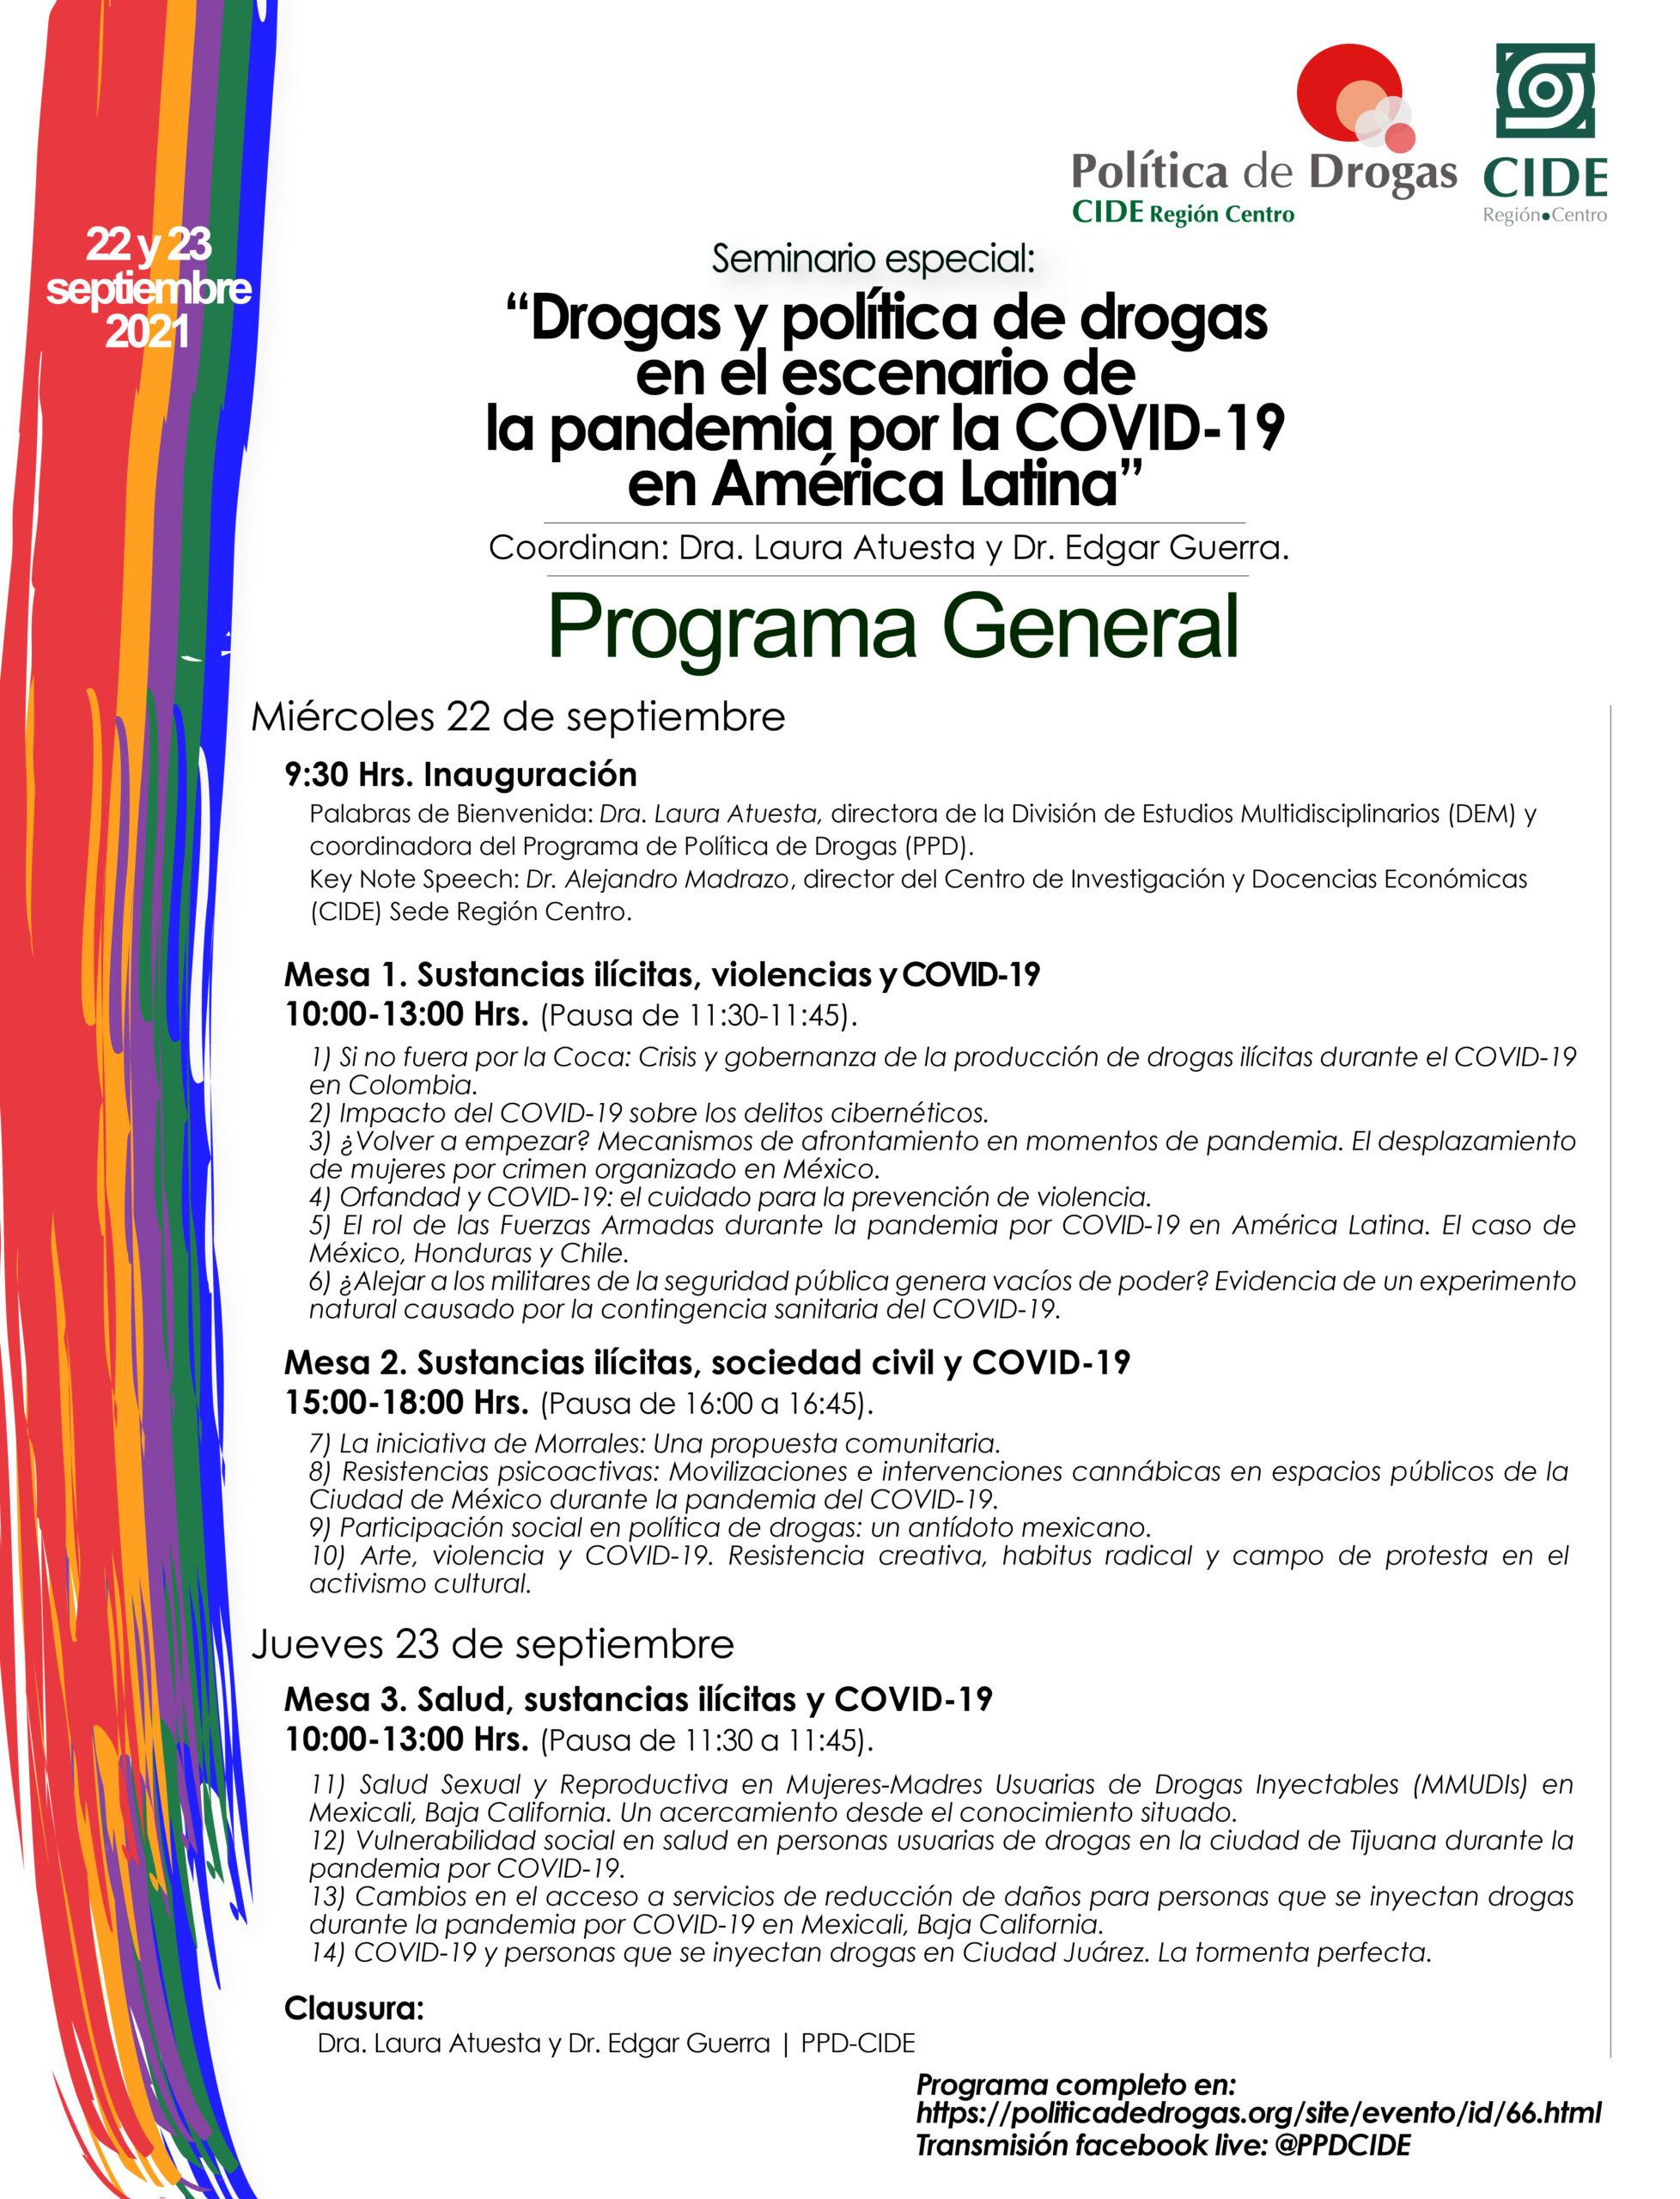 Seminario especial: Drogas y política de drogas en el escenario de la pandemia por la COVID-19 en América Latina